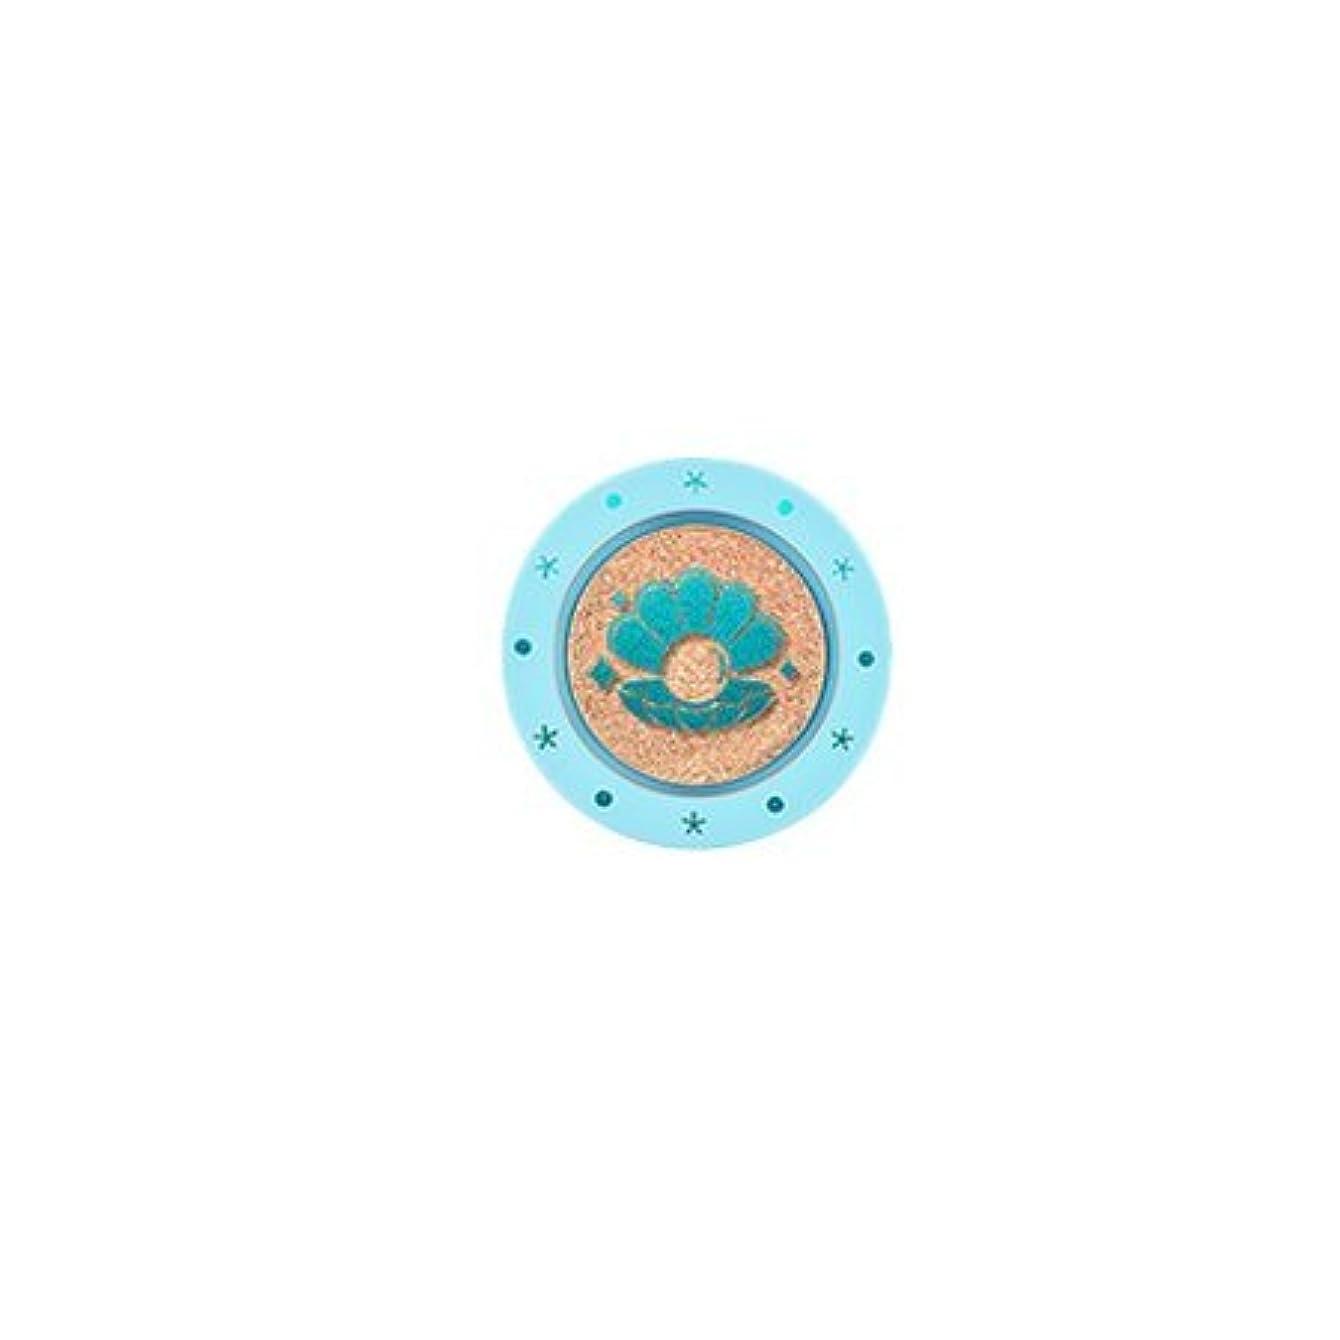 忠実にめ言葉スキームアリタウム マーメイド コレクション モノ アイズ 1.4g / ARITAUM Mono Eyes Mermaid Collection (# S25 Gold Glow) [並行輸入品]